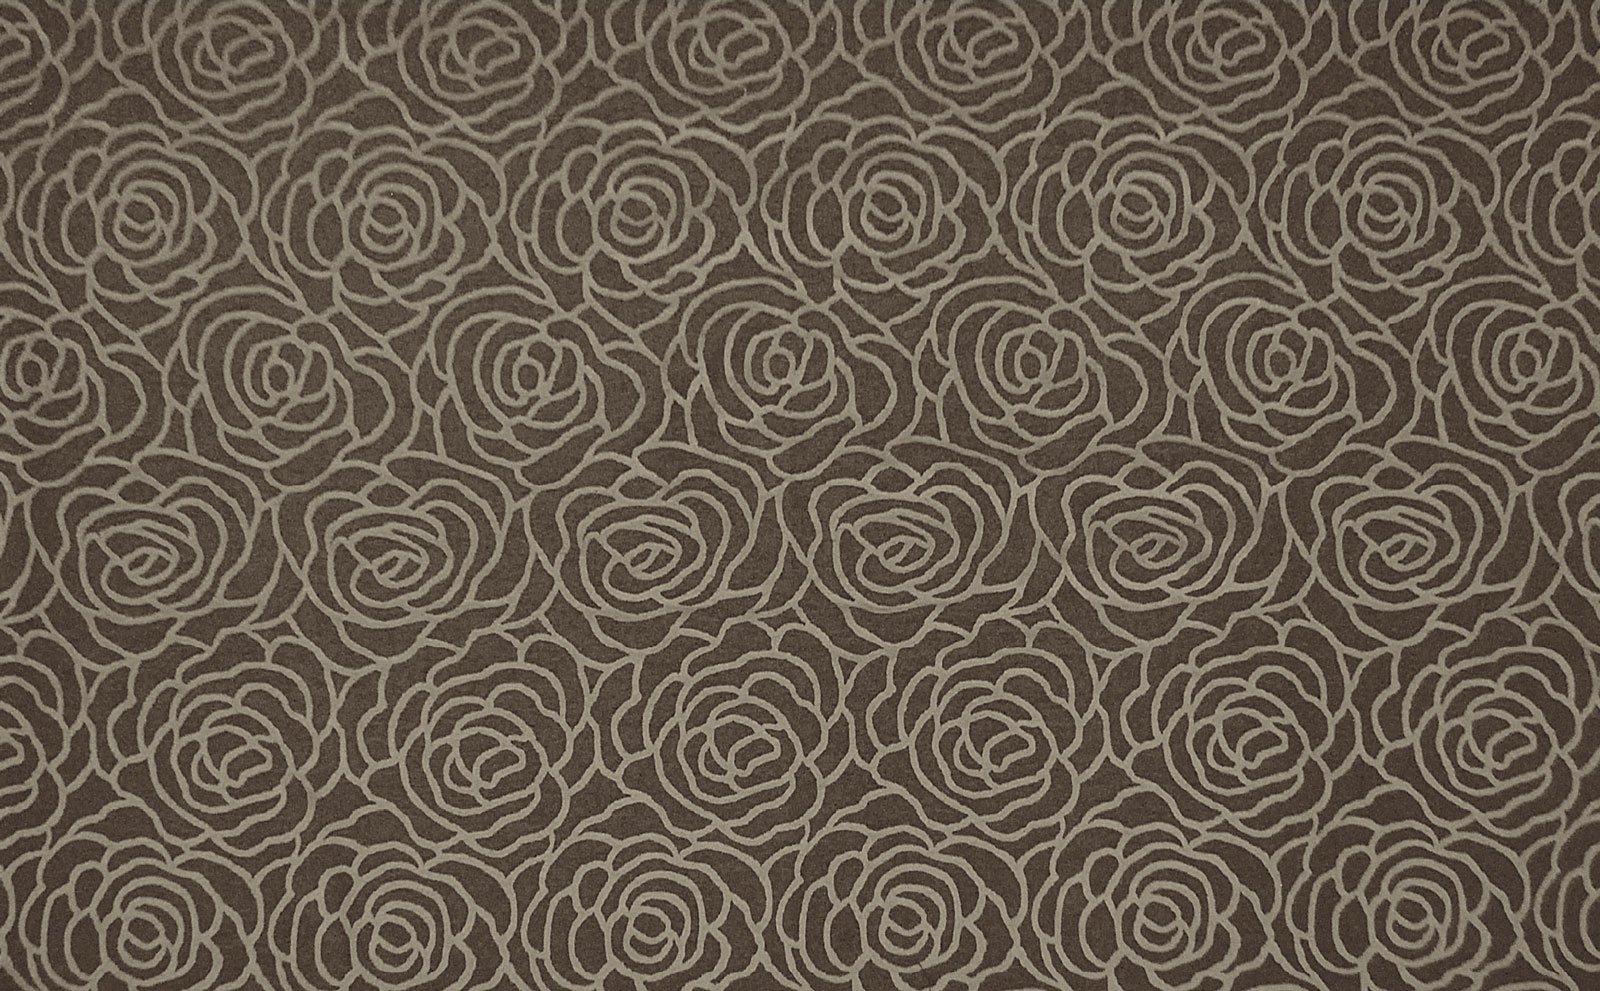 Tappeti design texture idee per il design della casa - Tappeti grandi ikea ...